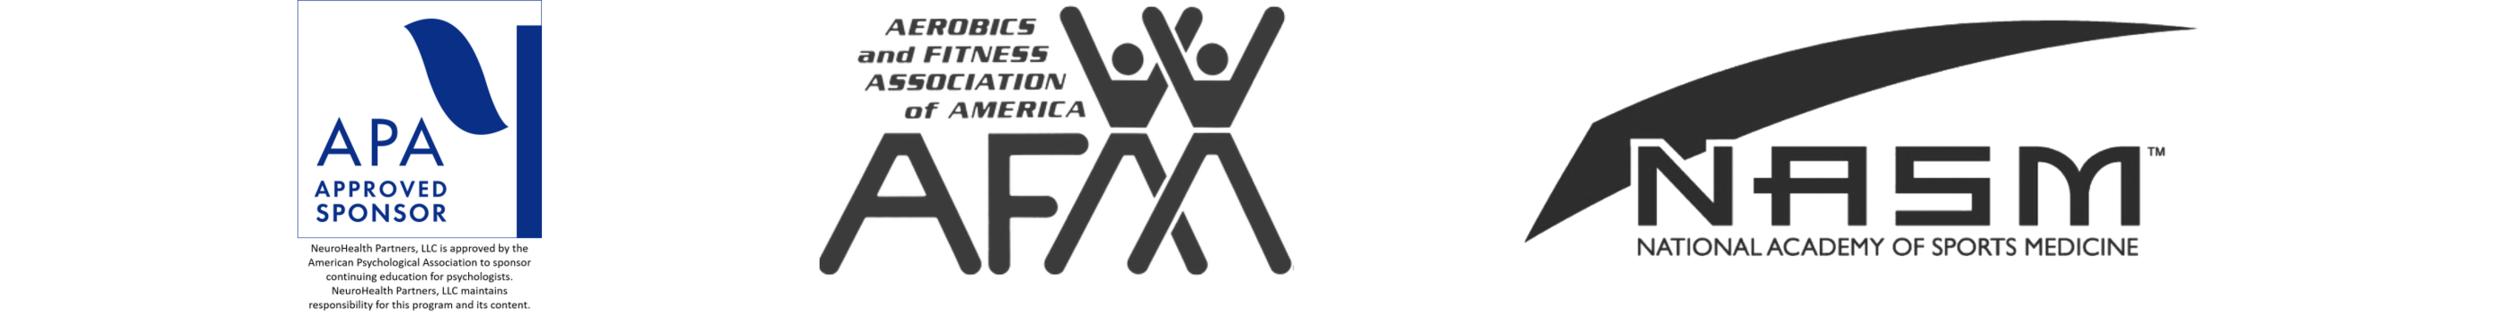 Landing Page Logos5.png